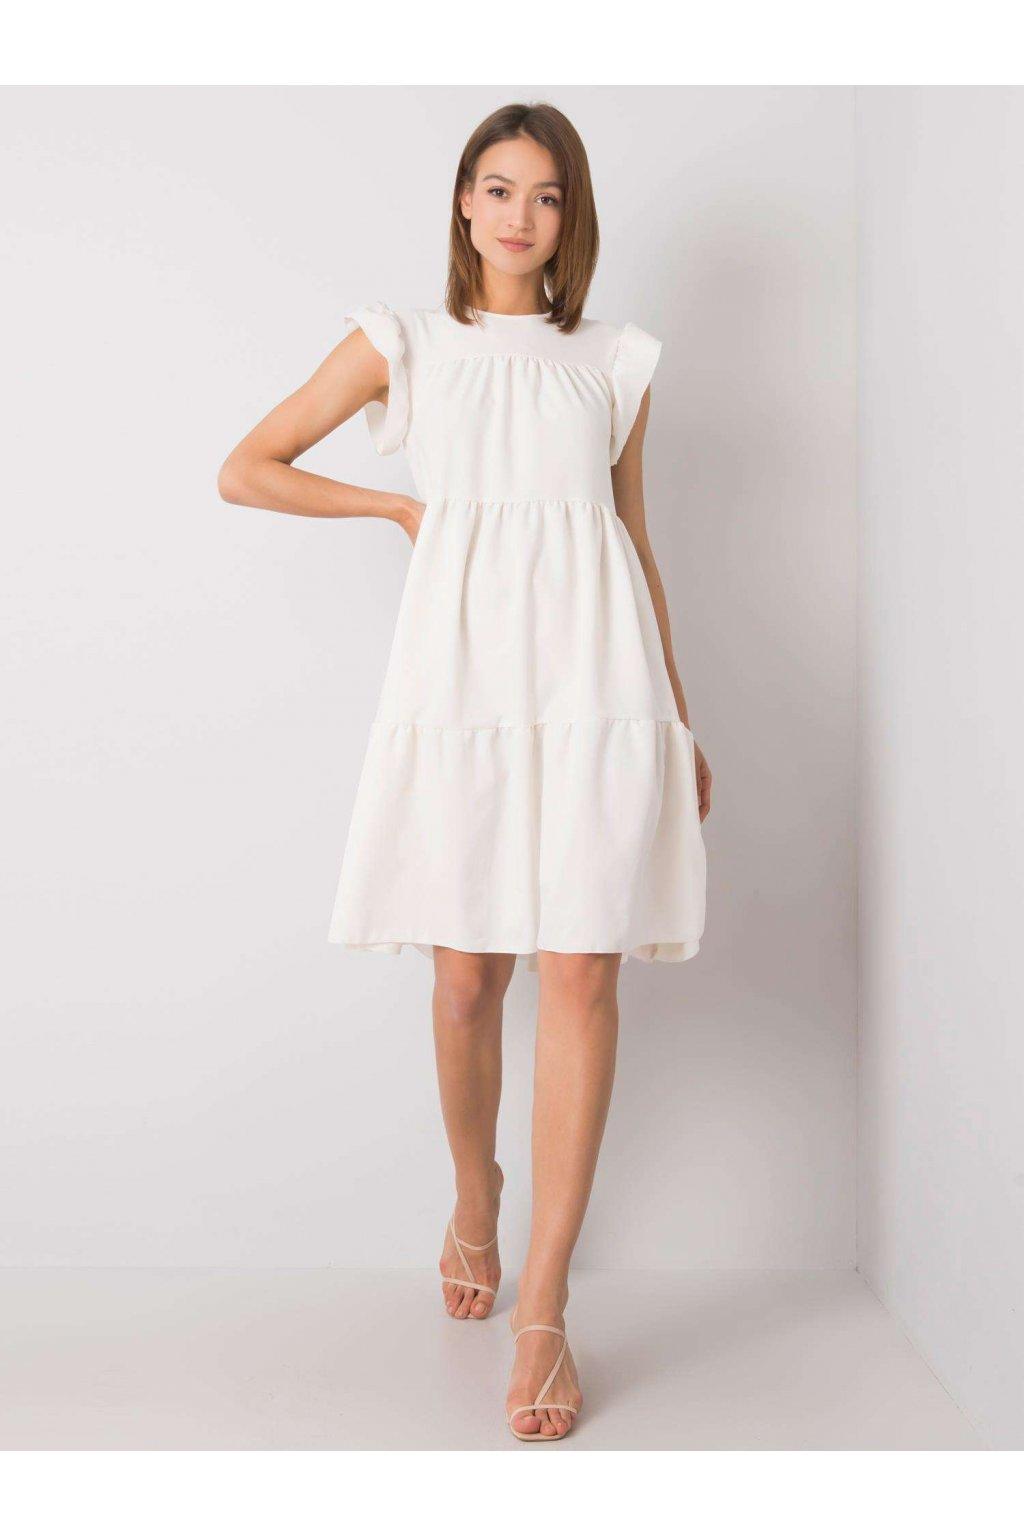 pol pl Ecru sukienka z falbana Jaylin RUE PARIS 366598 2